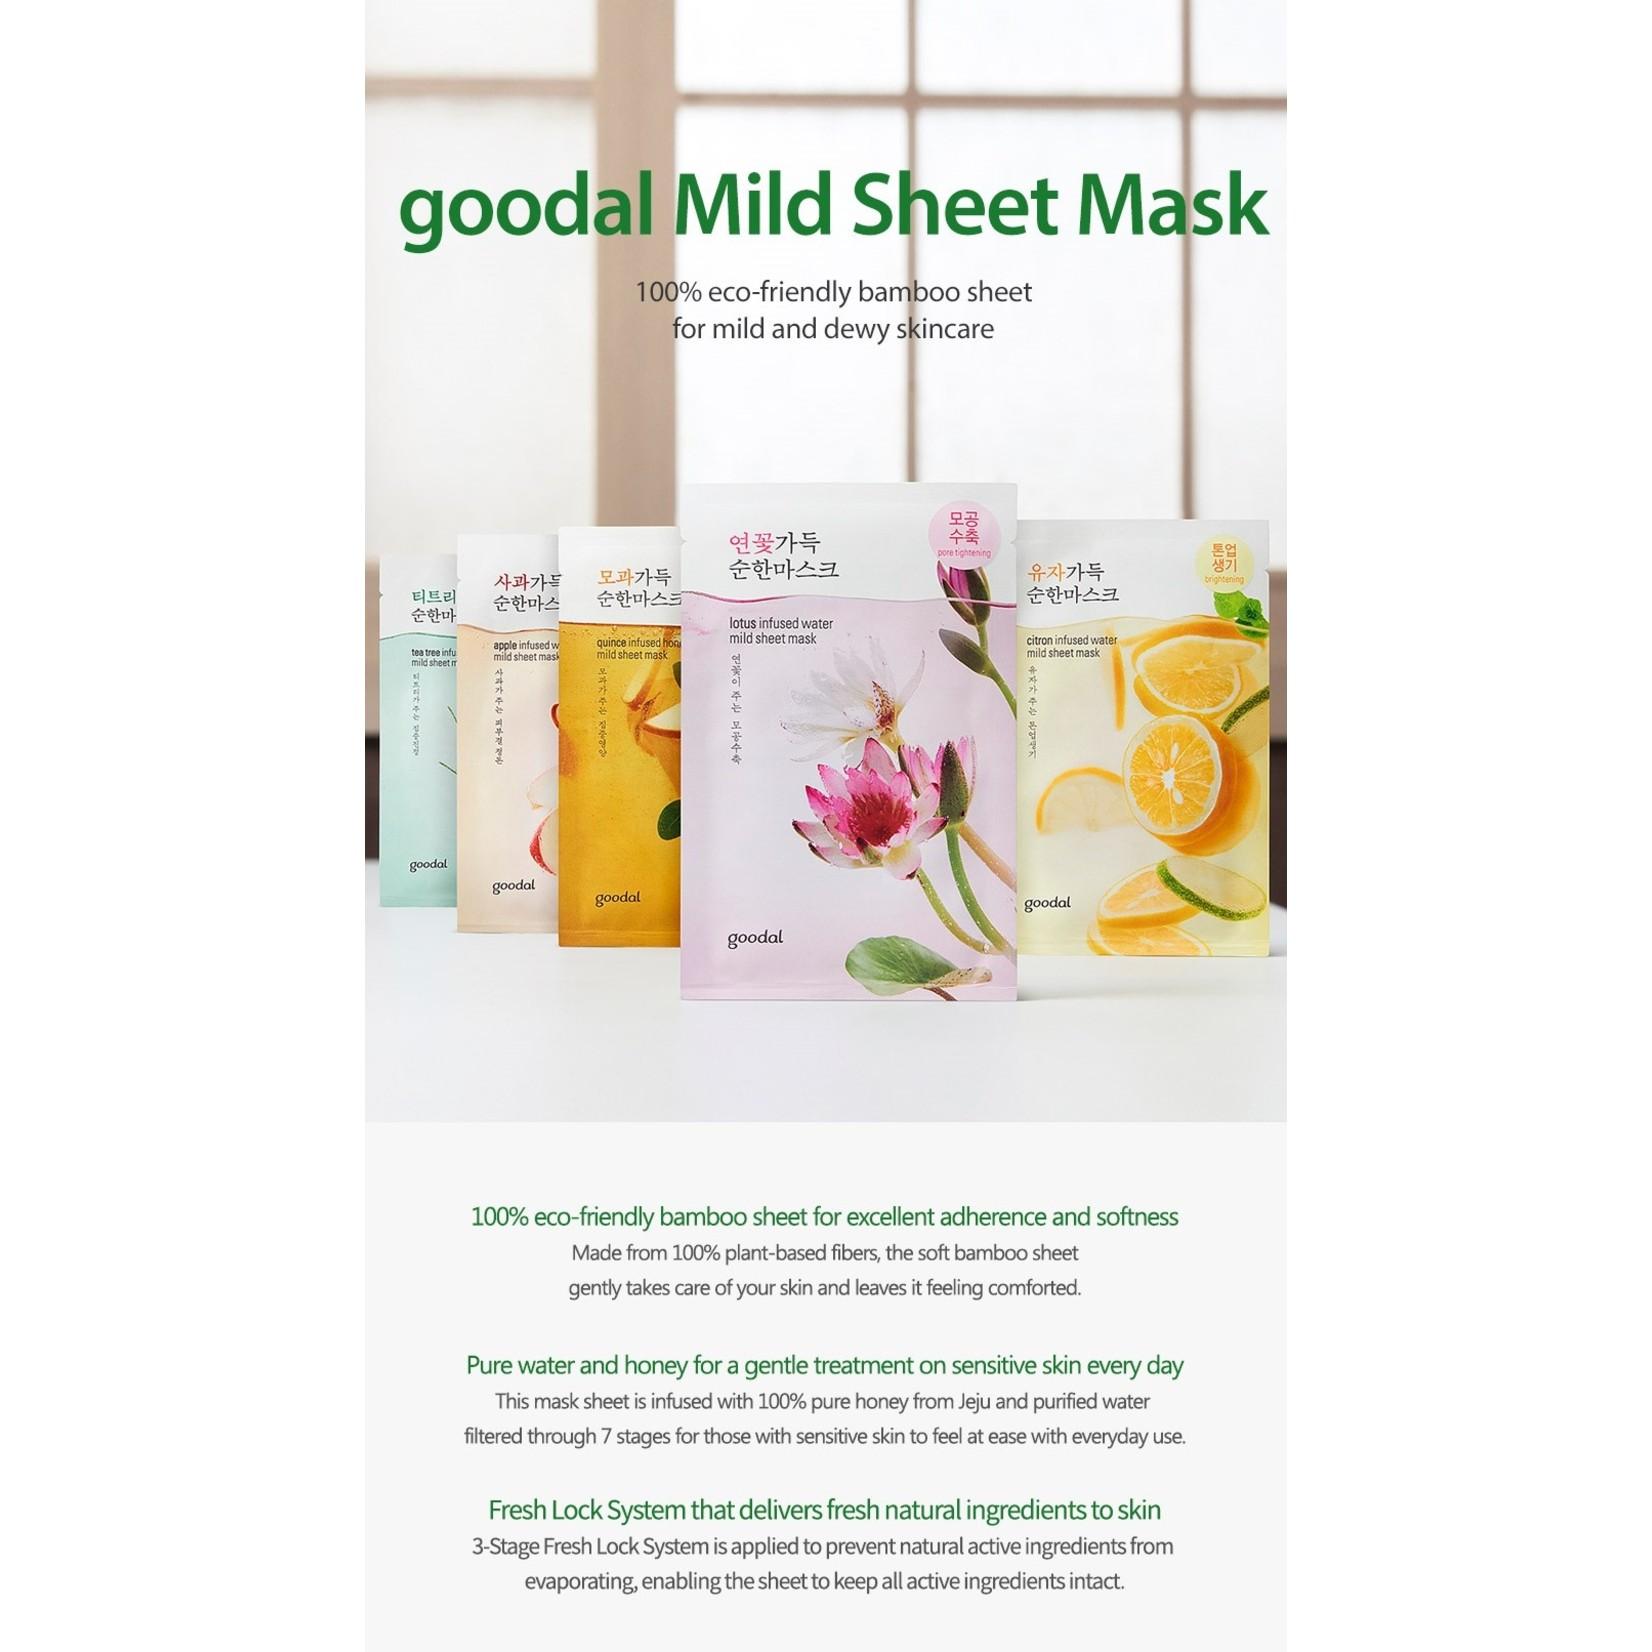 GOODAL raspberry infused honey mild sheet mask